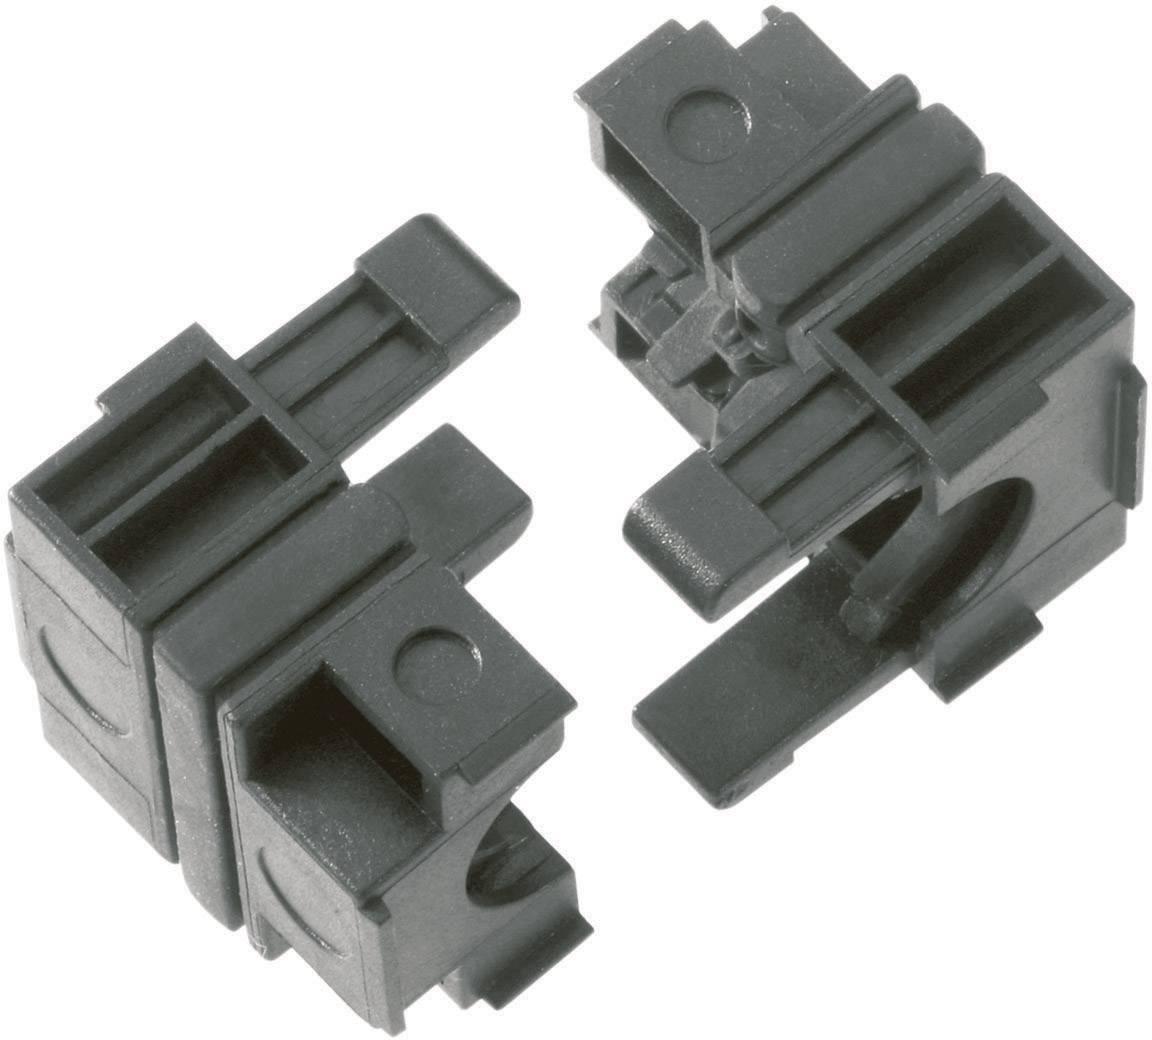 Káblová priechodka LappKabel SKINTOP CUBE S, Ø 6 mm, polypropylén, čierna, 5 ks